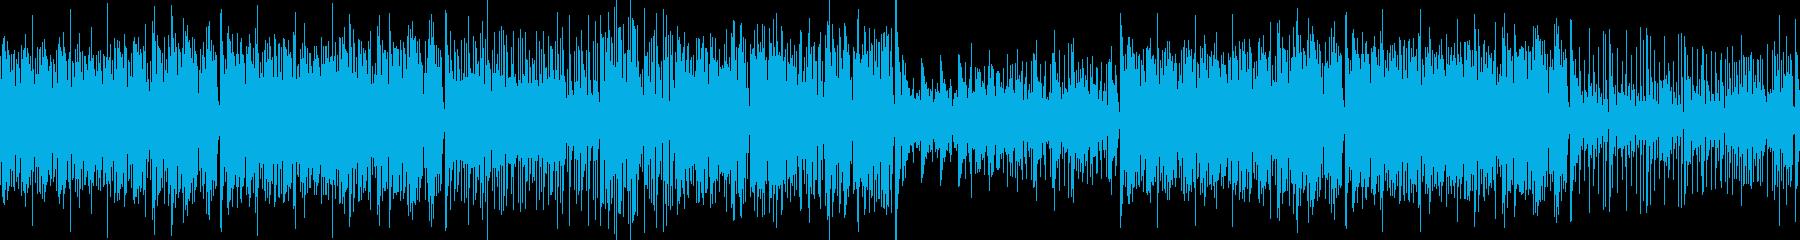 大人ジャズっぽい ピアノ ブラス ループの再生済みの波形